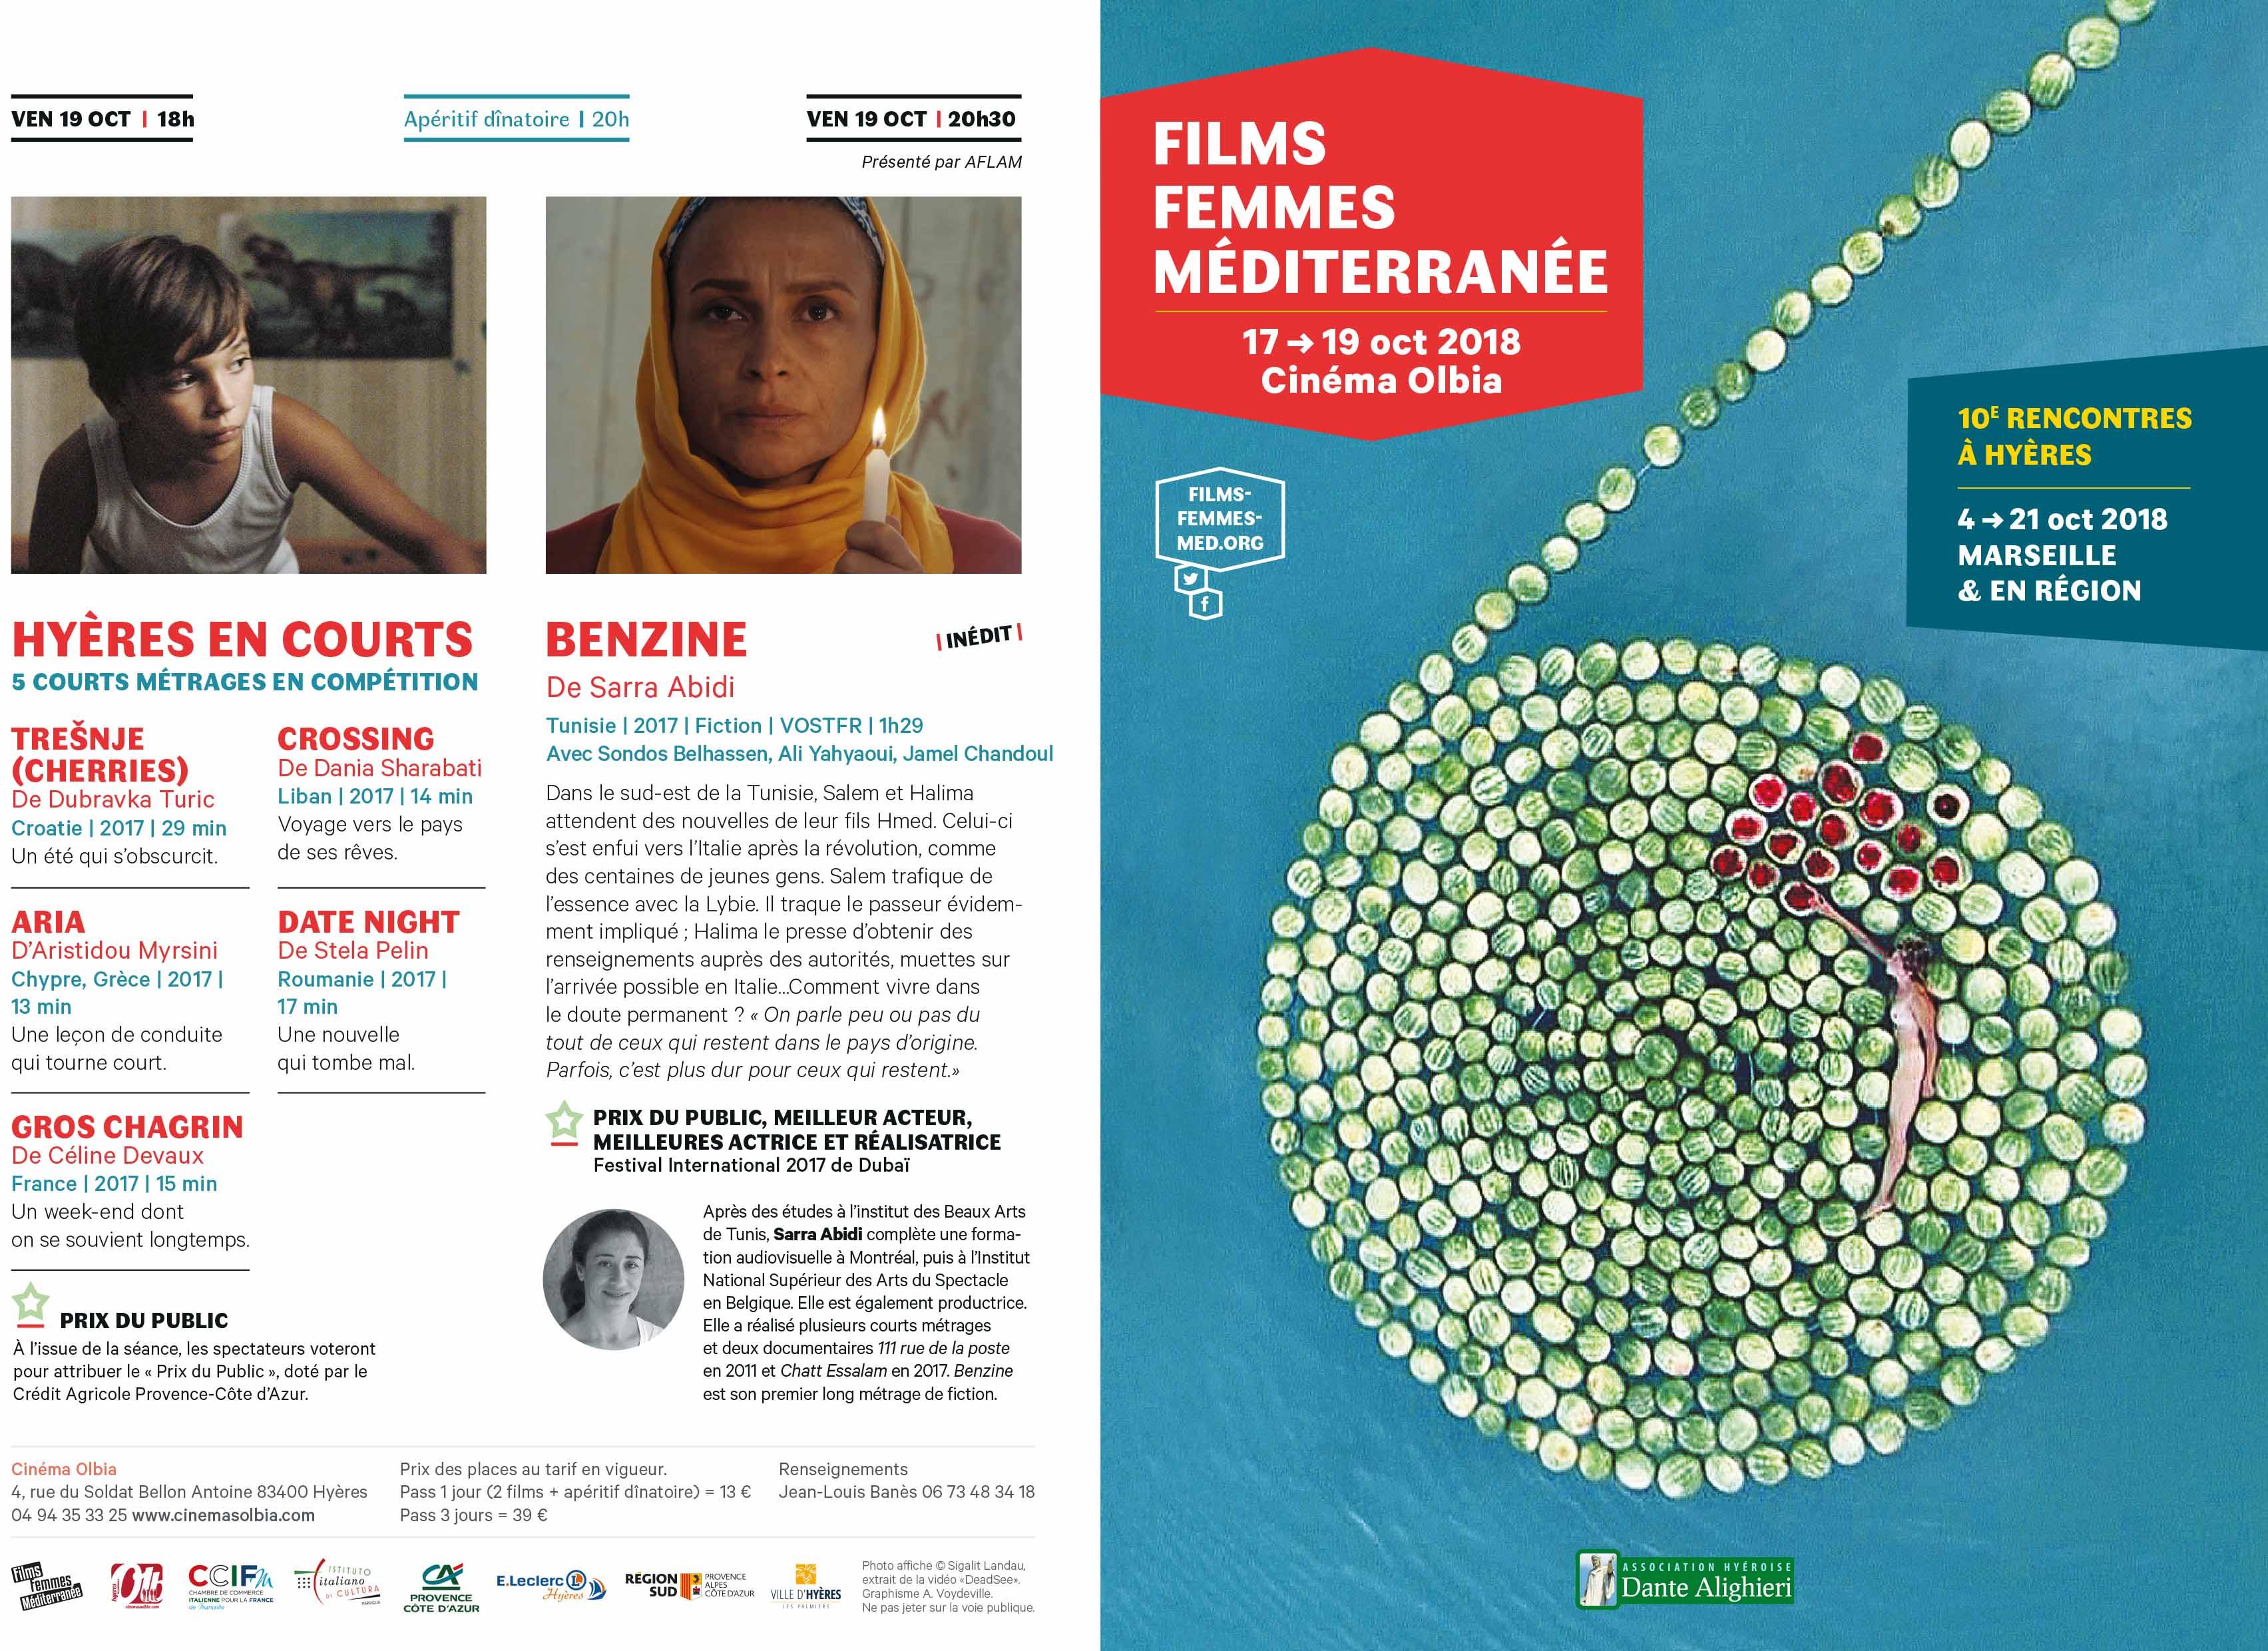 Rencontres Films Femmes Méditerranée | Hyères | 17 - 19 octobre 2018 Rencontres Films Femmes Méditerranée | Hyères | 17 – 19 octobre 2018 depliant hyeres ffm2018 hyeres